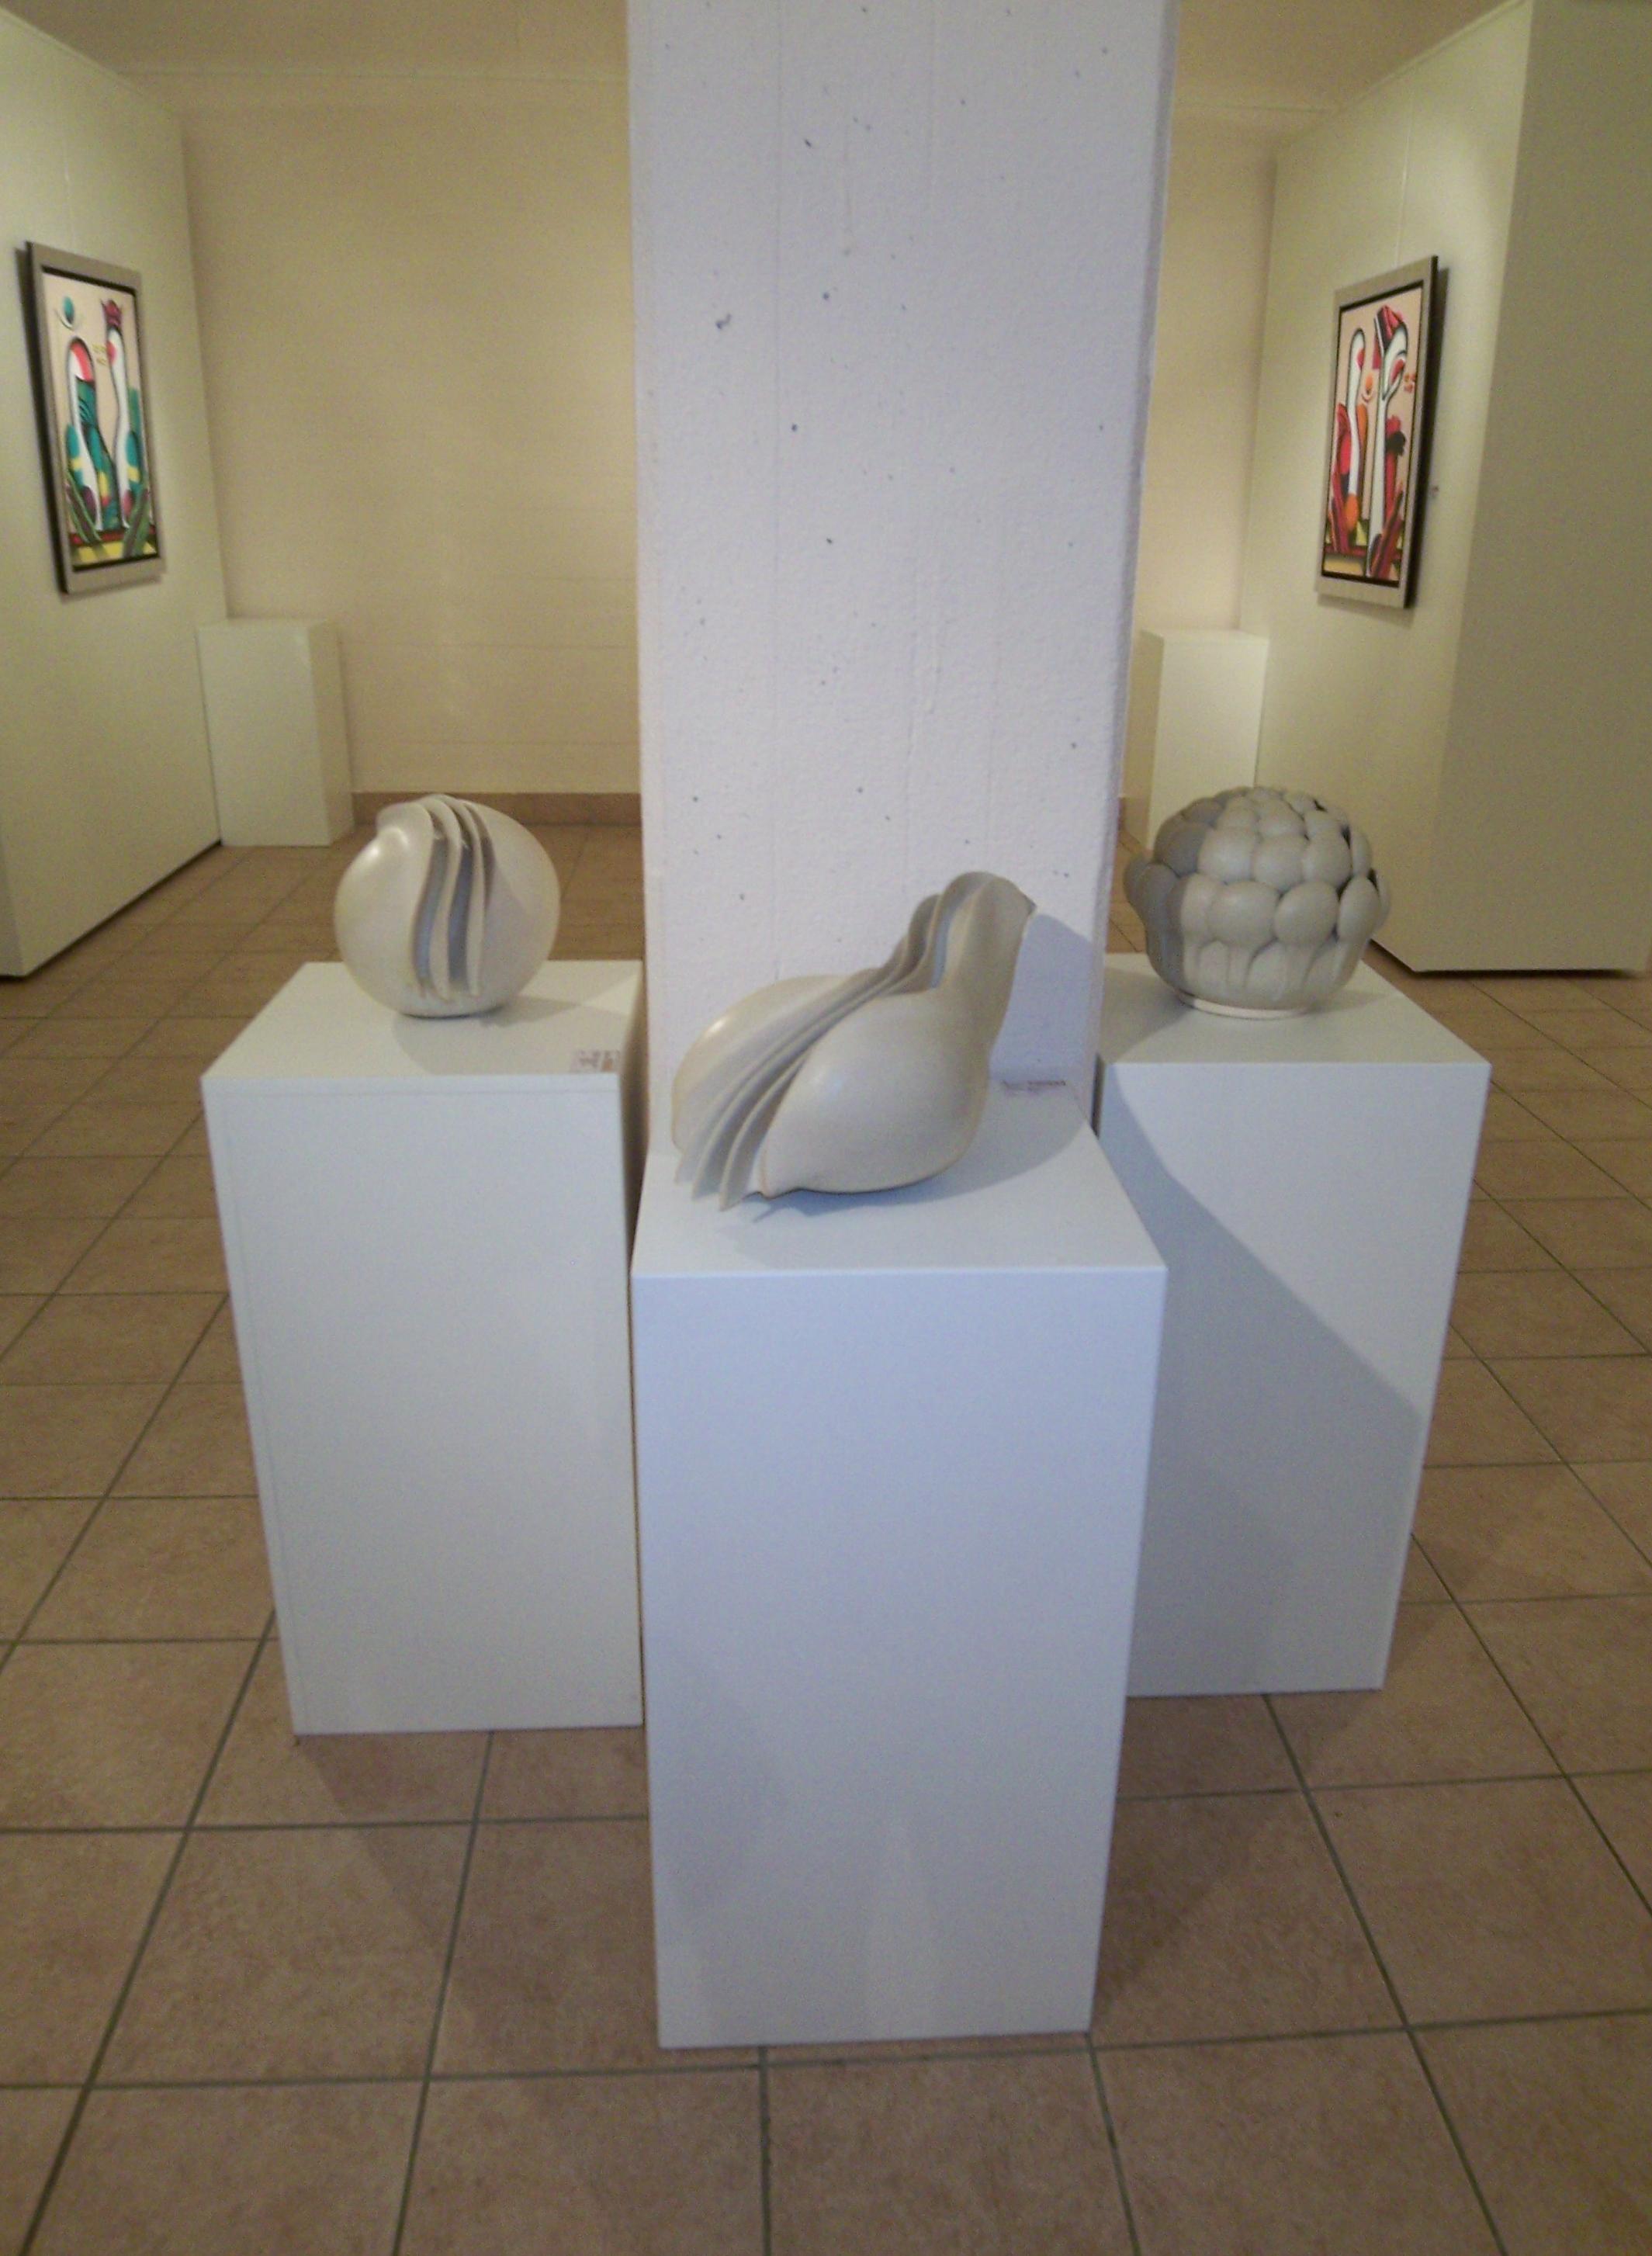 Expositie GalerieSous Terre